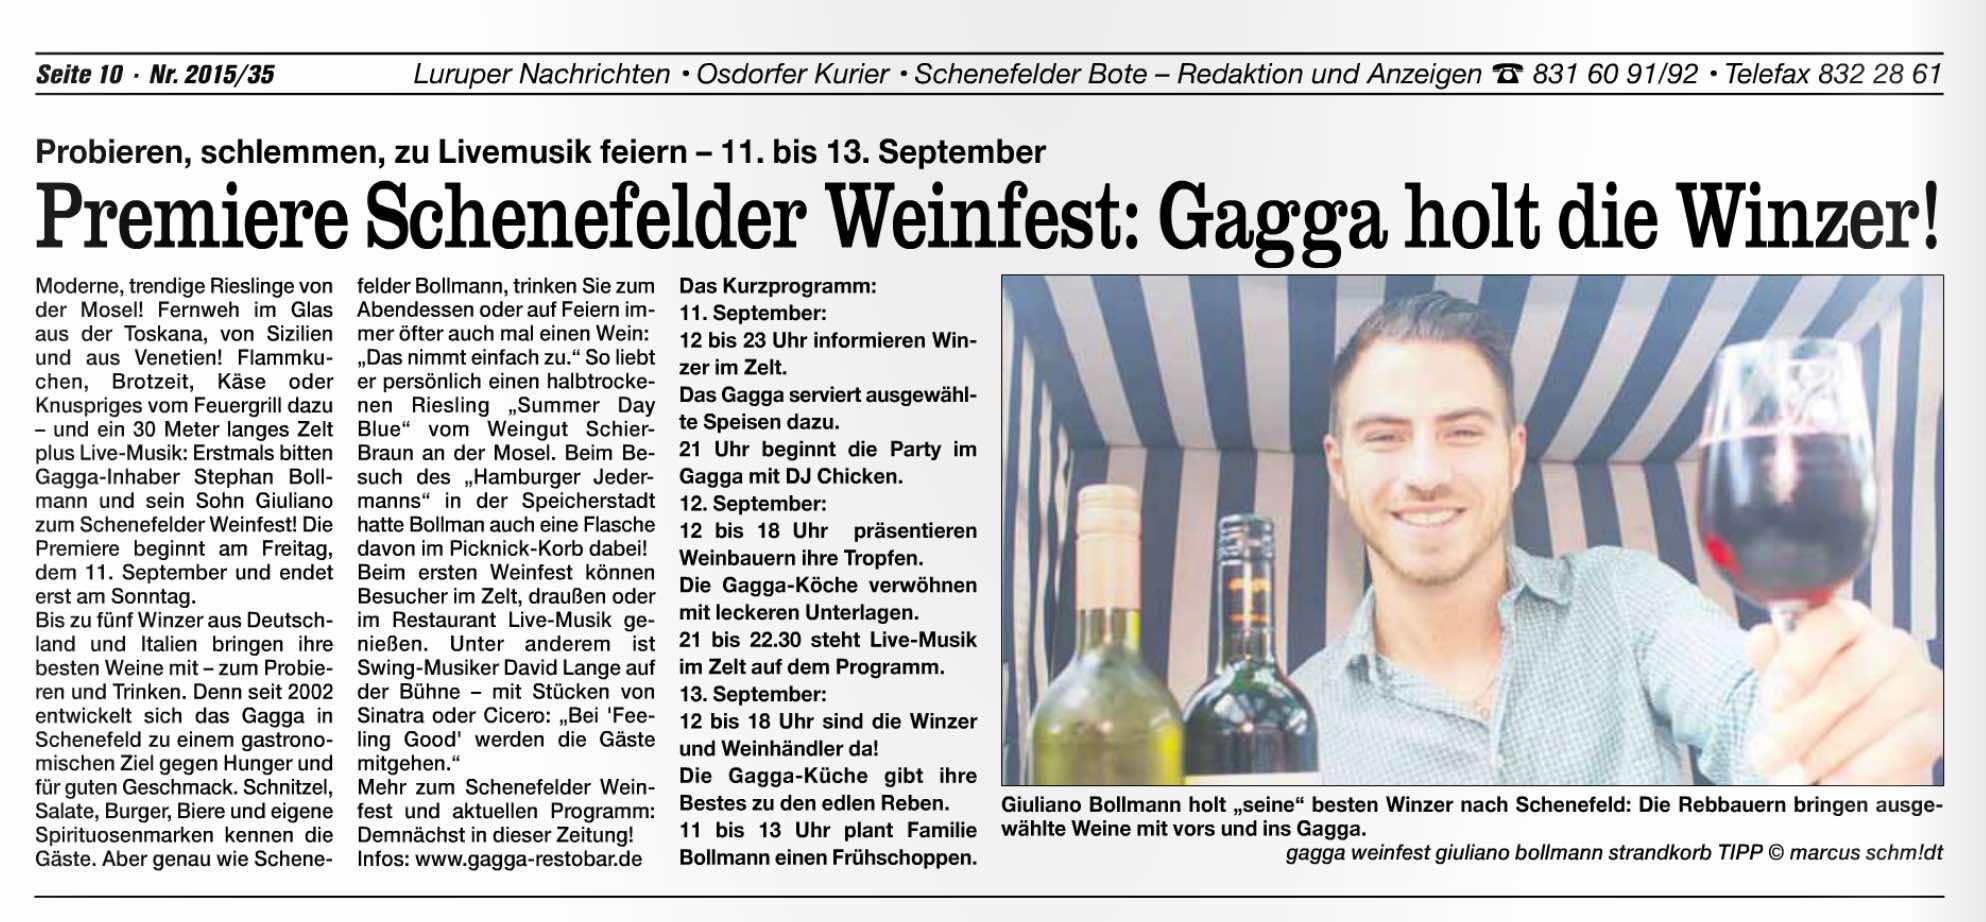 Quelle: Schenefelder Bote vom 26.08, Seite 10